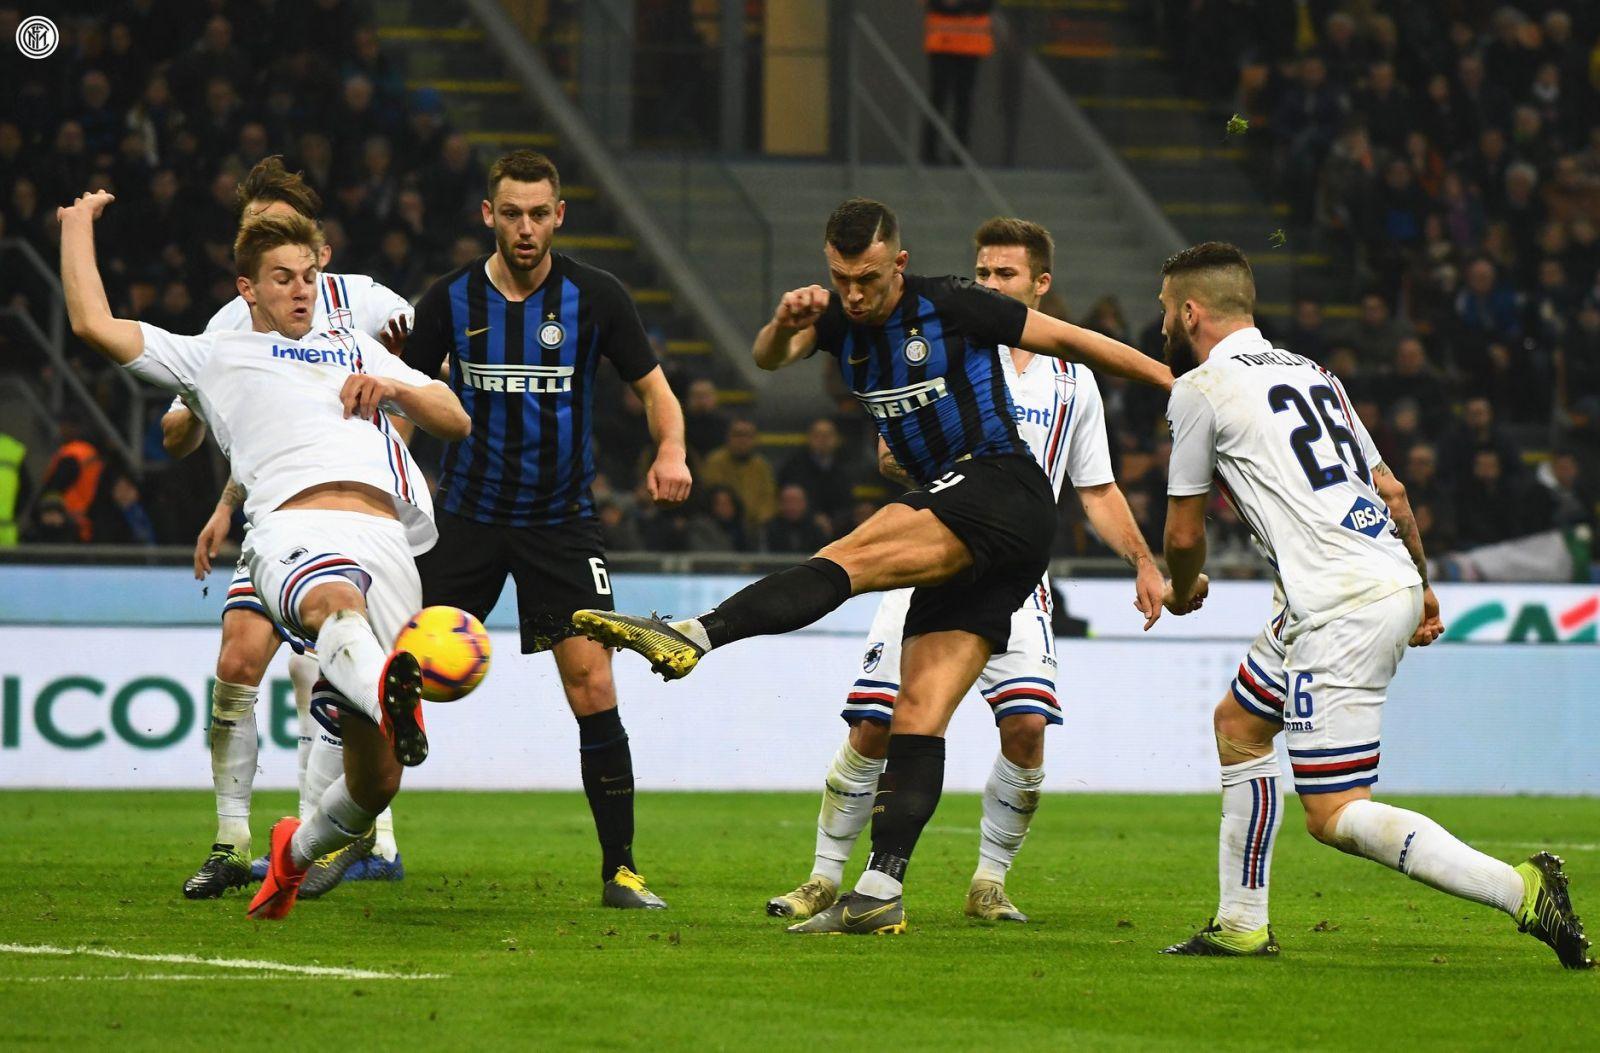 Perisic Inter vs Sampdoria